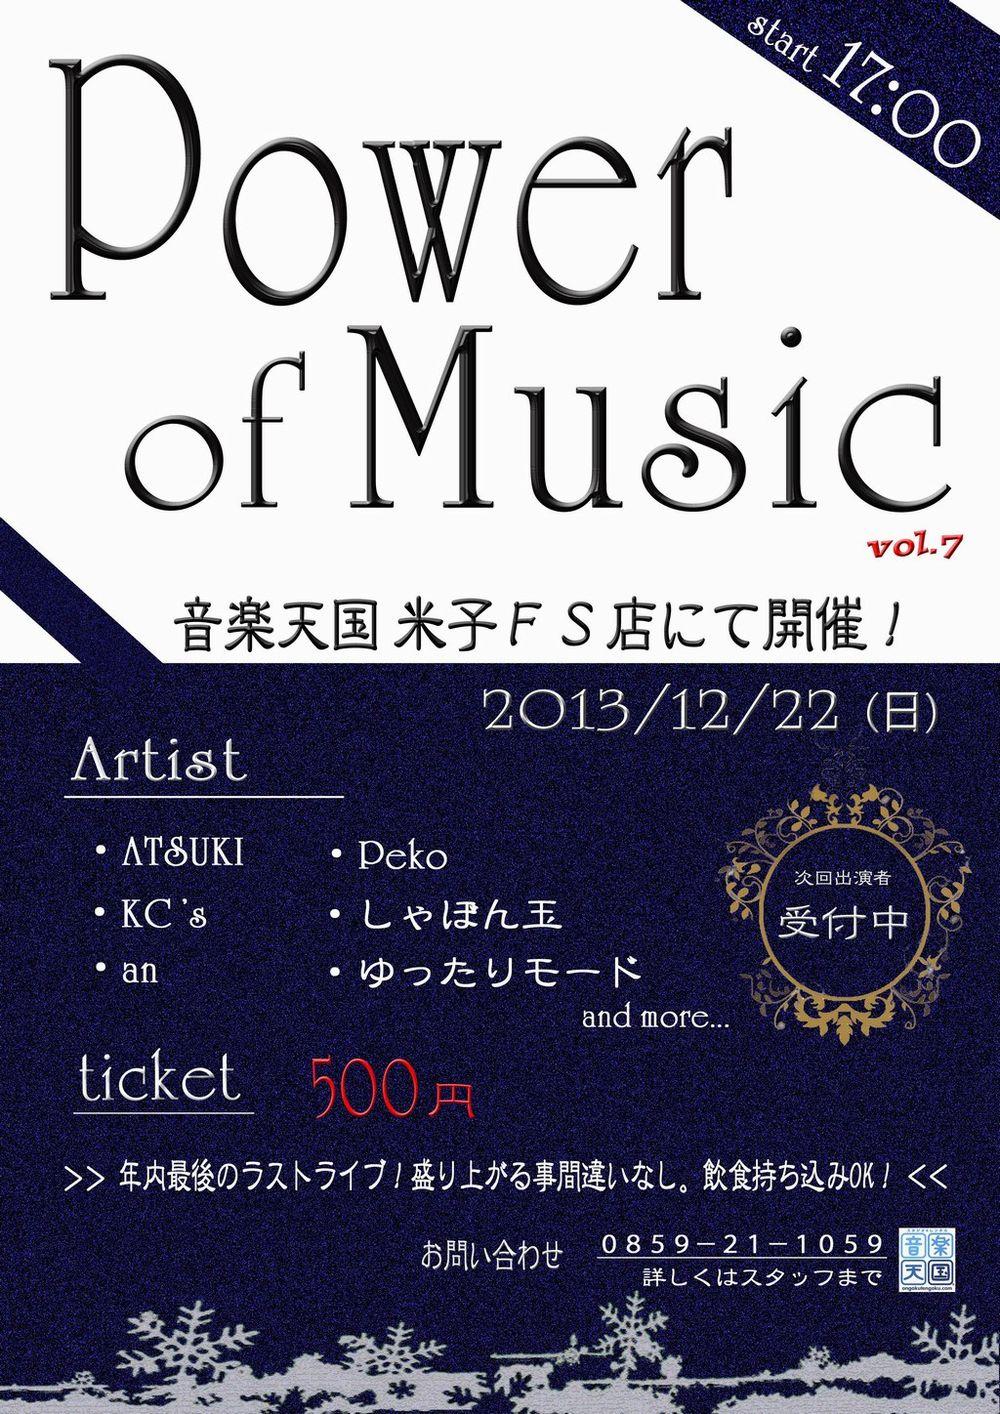 スタジオライブ「Power of Music」Vol.7@米子FS店12月22日(日)開催!